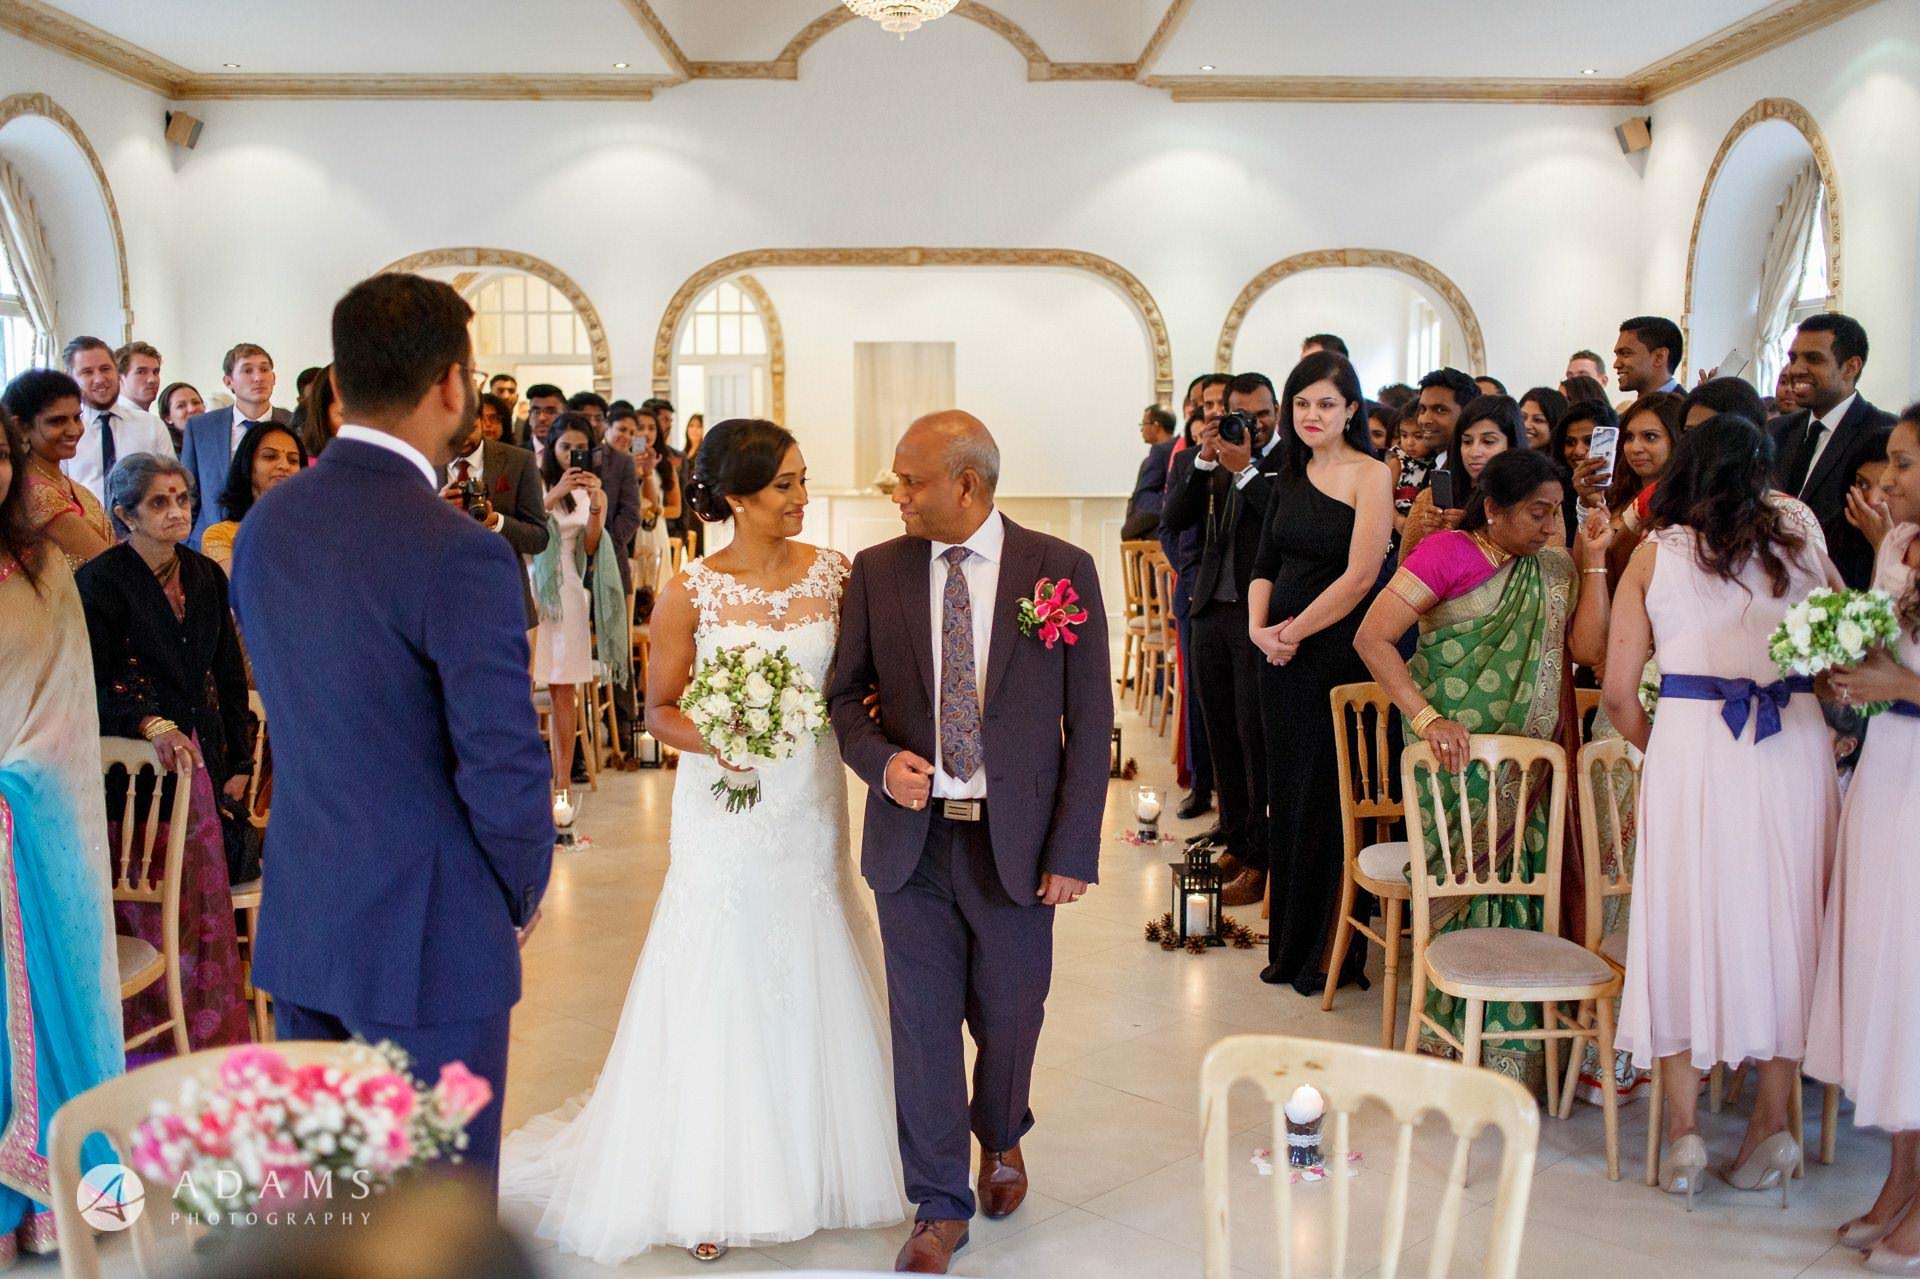 Northbrook Park Wedding Photography   Twa + Len 9